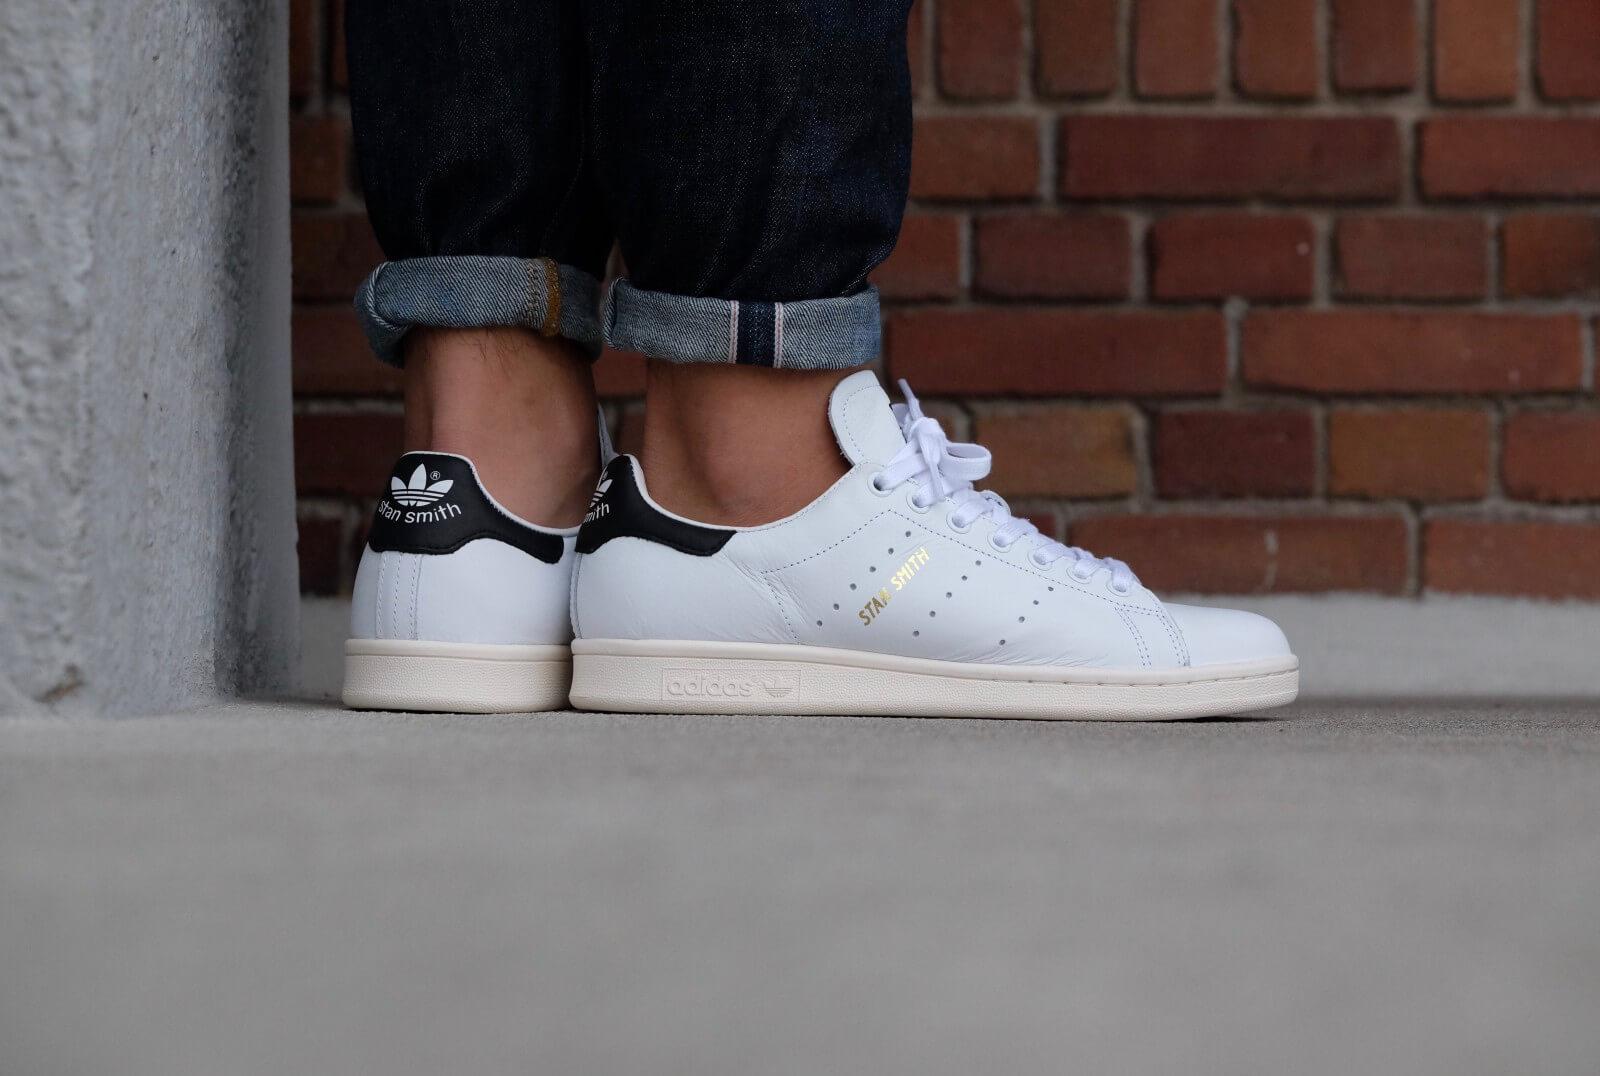 adidas stan smith white black